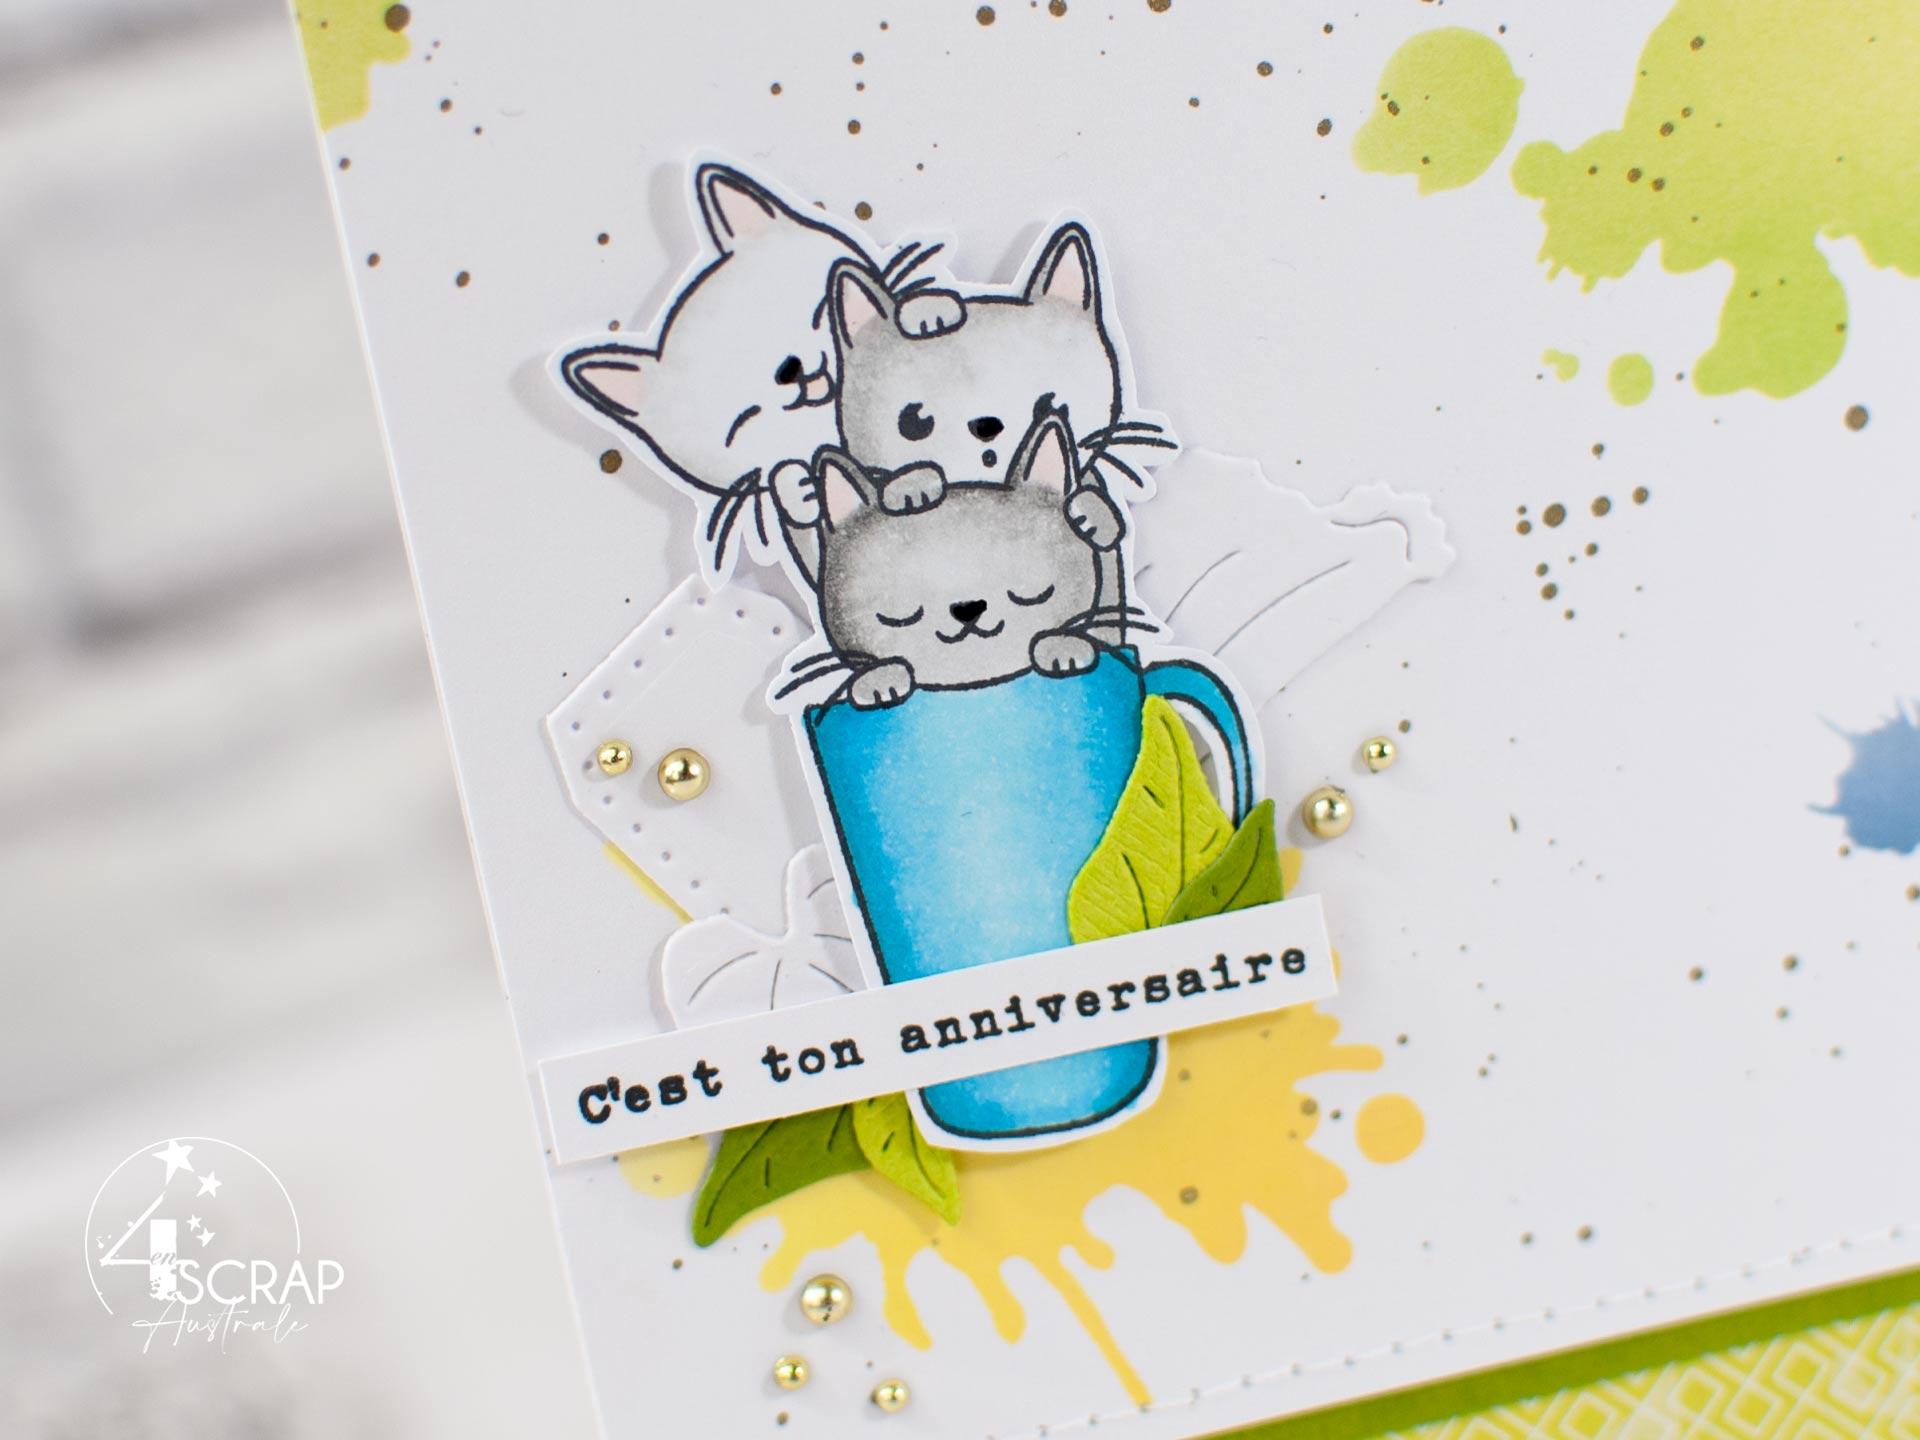 Carte d'anniversaire avec fond taches réalisé au pochoir et à l'encre, des petits chats dans une tasse, feuillages et étiquettes.